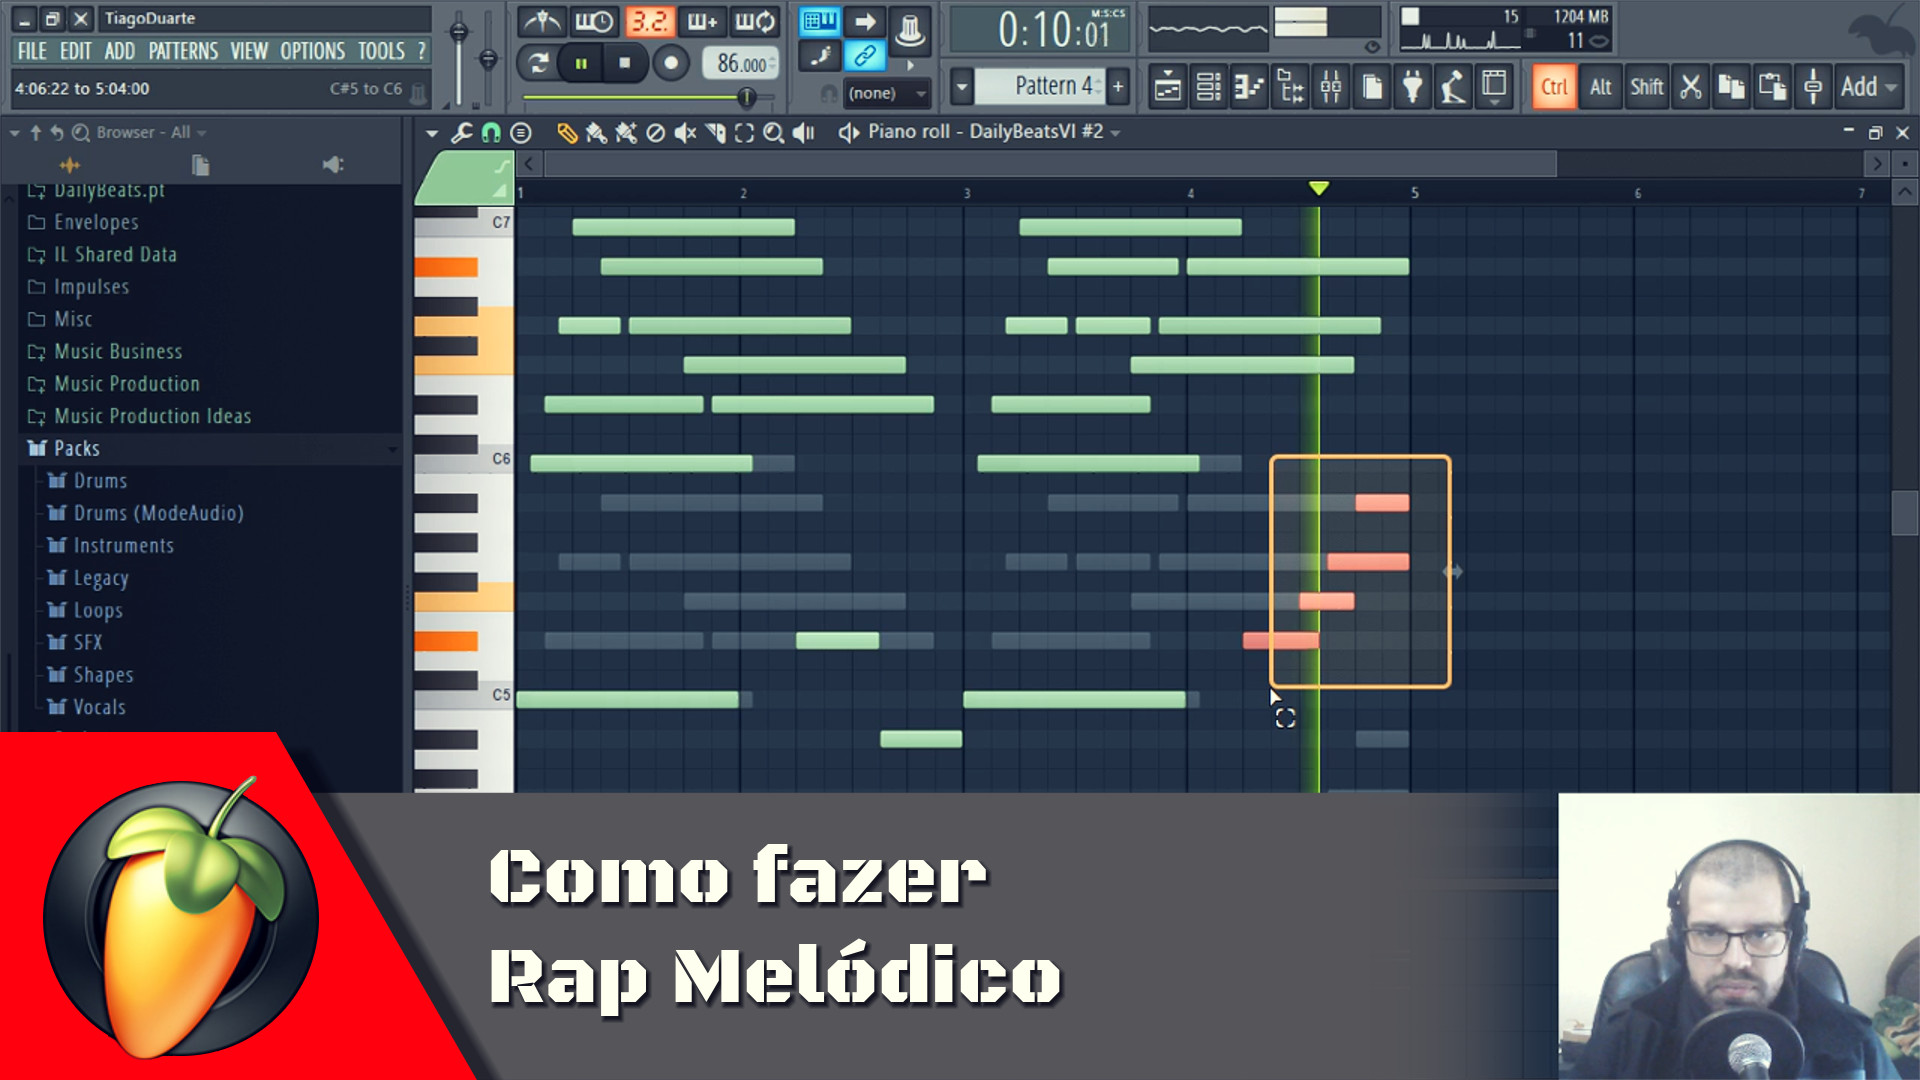 Como fazer Rap Melodico